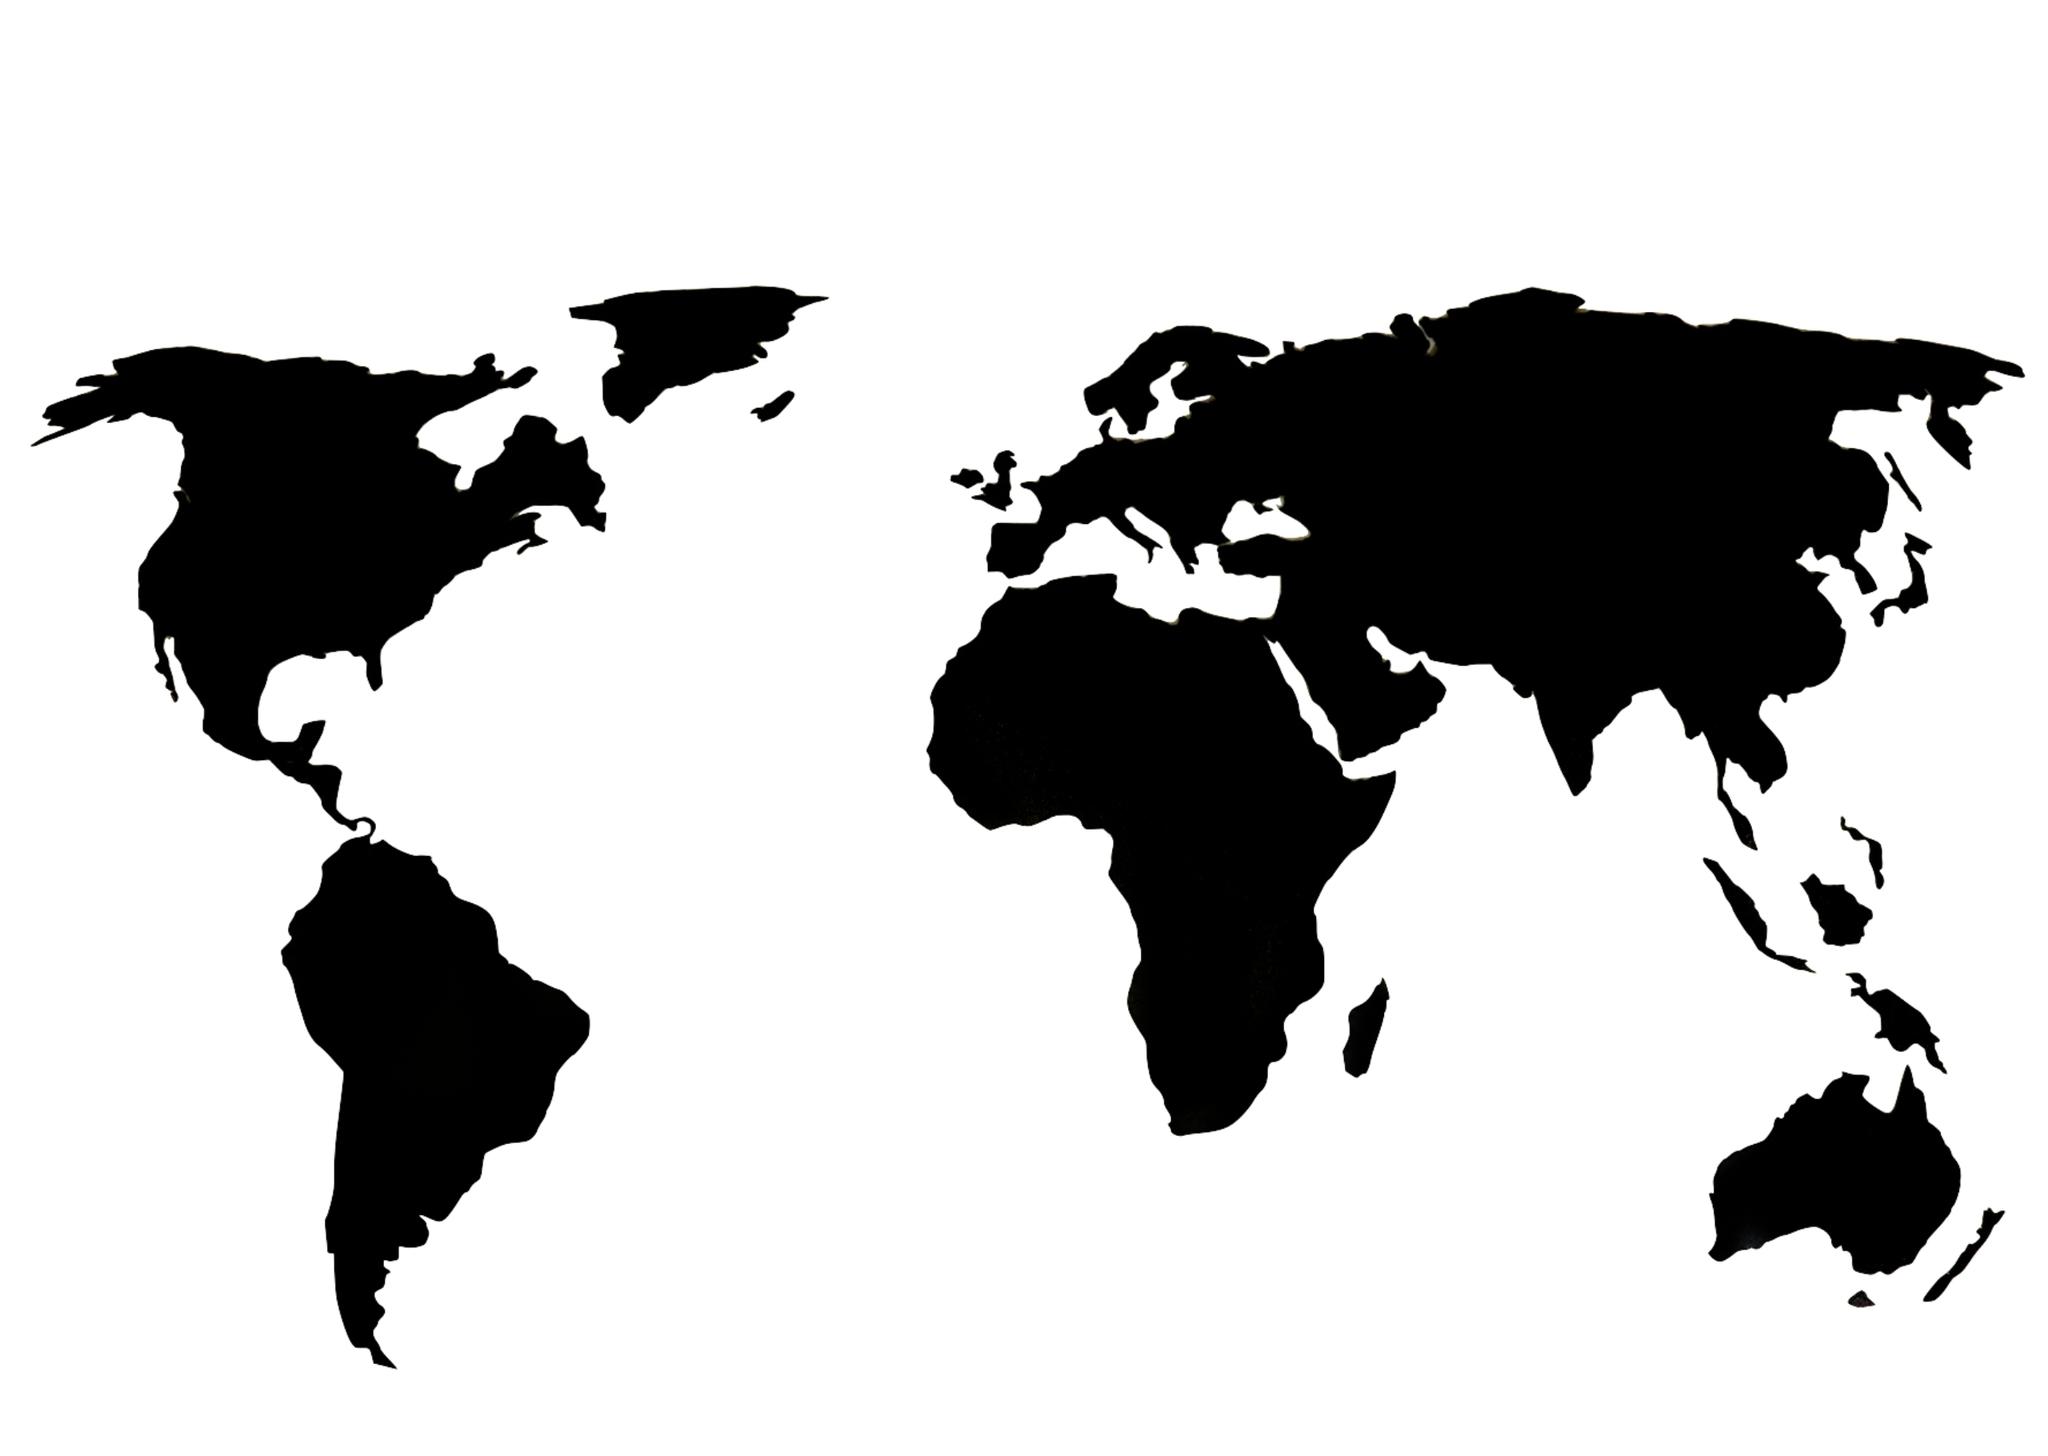 Деревянная карта мира AFI DESIGN150х80 см Large,